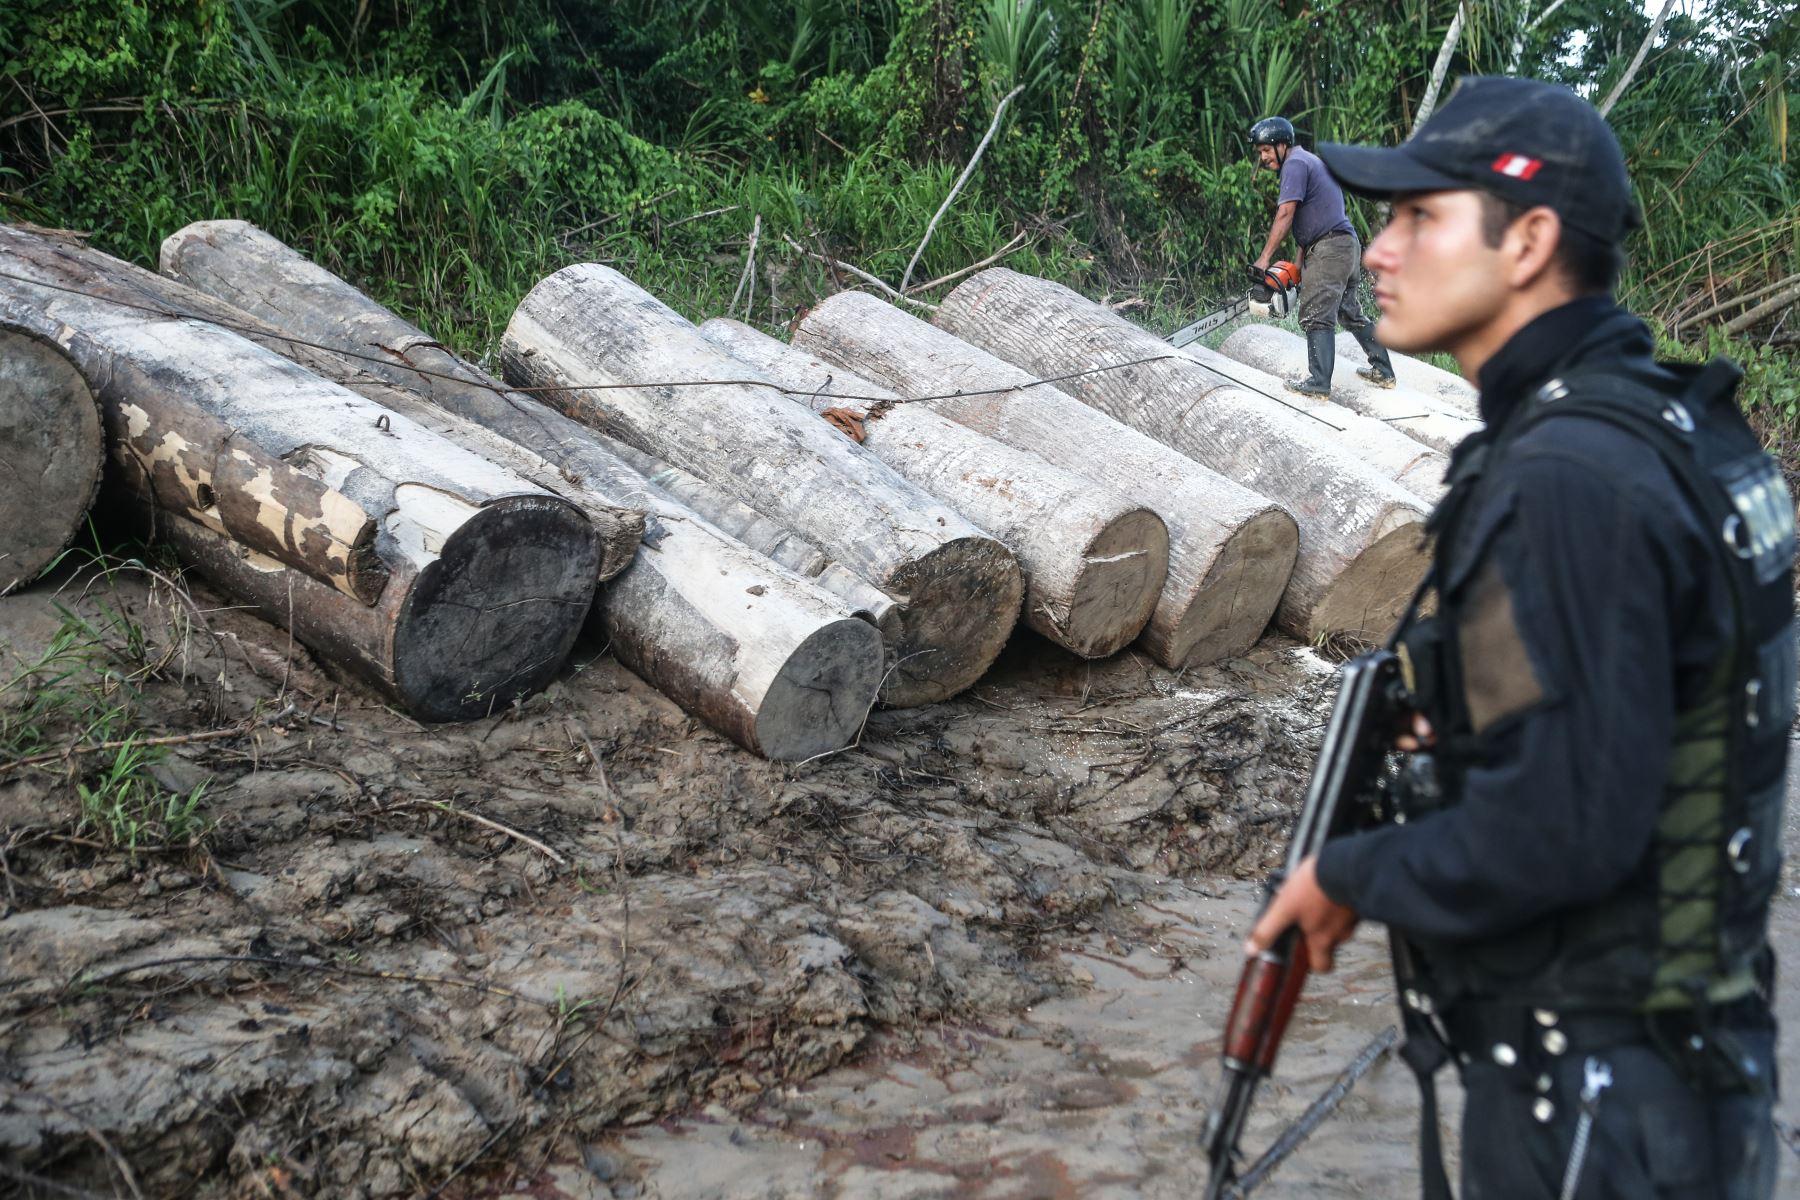 Gobierno impulsa acción multisectorial para prevenir y enfrentar delitos ambientales como la tala ilegal, resaltó el Minam. ANDINA/archivo